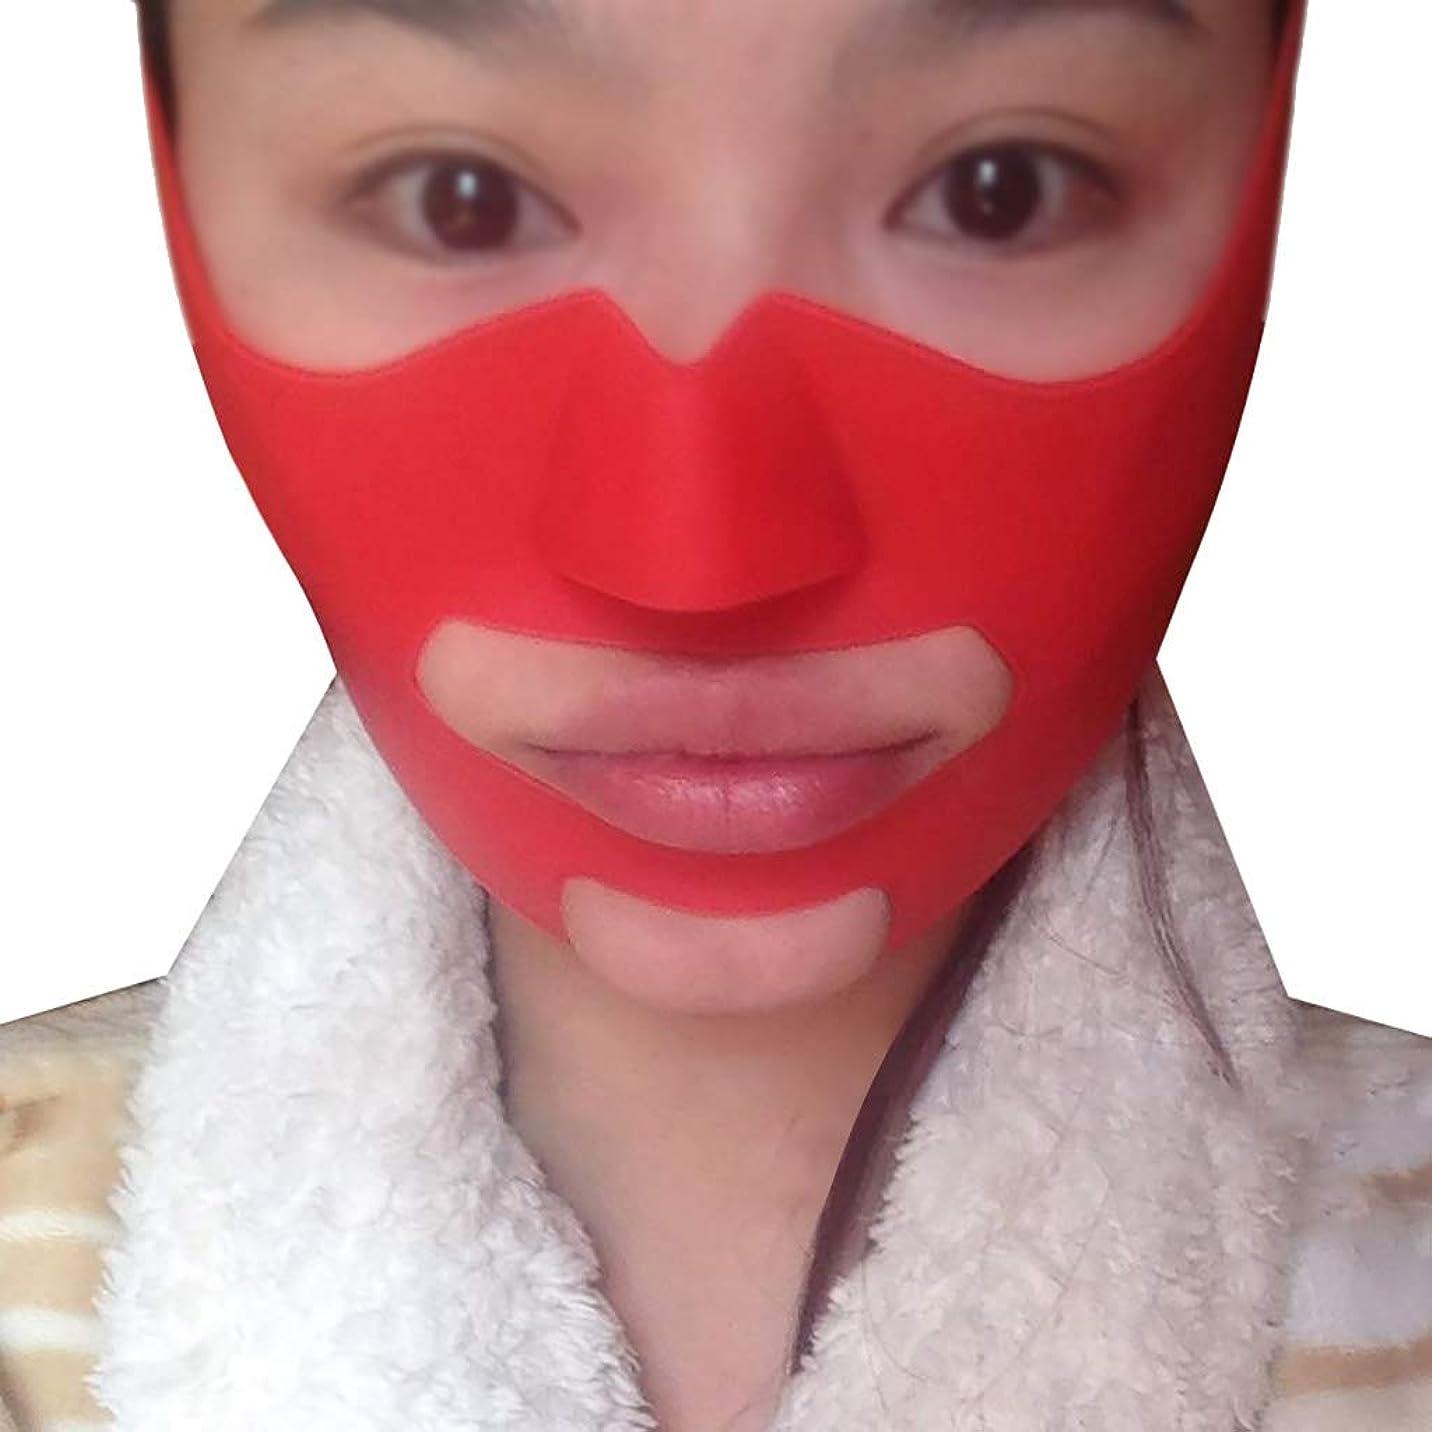 論理バナナメドレーGLJJQMY 薄いフェイスマスクシリコーンVマスクマスク強い痩身咬合筋肉トレーナーアップル筋肉法令パターンアーティファクト小さなVフェイス包帯薄いフェイスネックリフト 顔用整形マスク